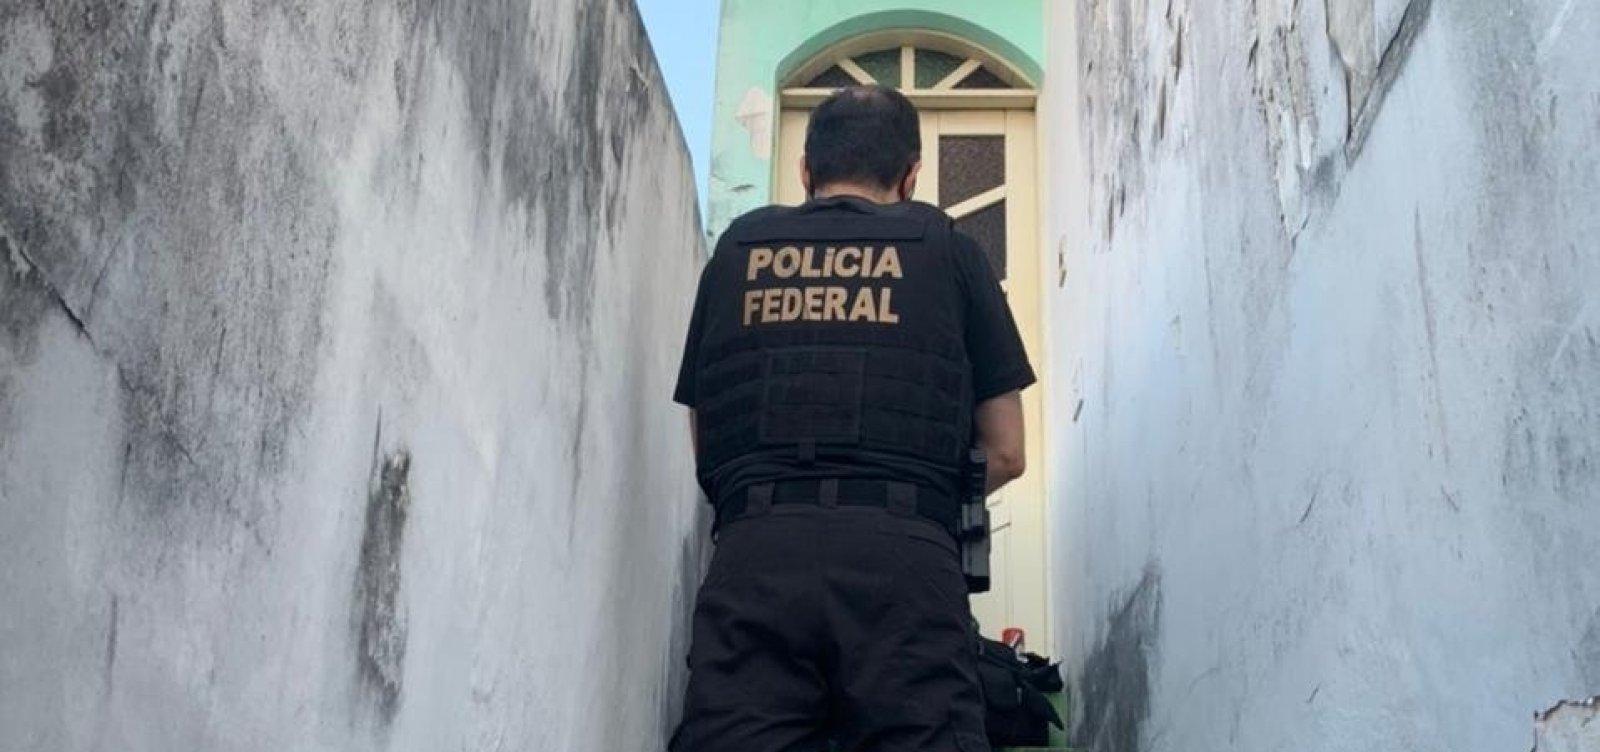 [Polícia Federal cumpre mandados em operação contra fraudes no INSS]